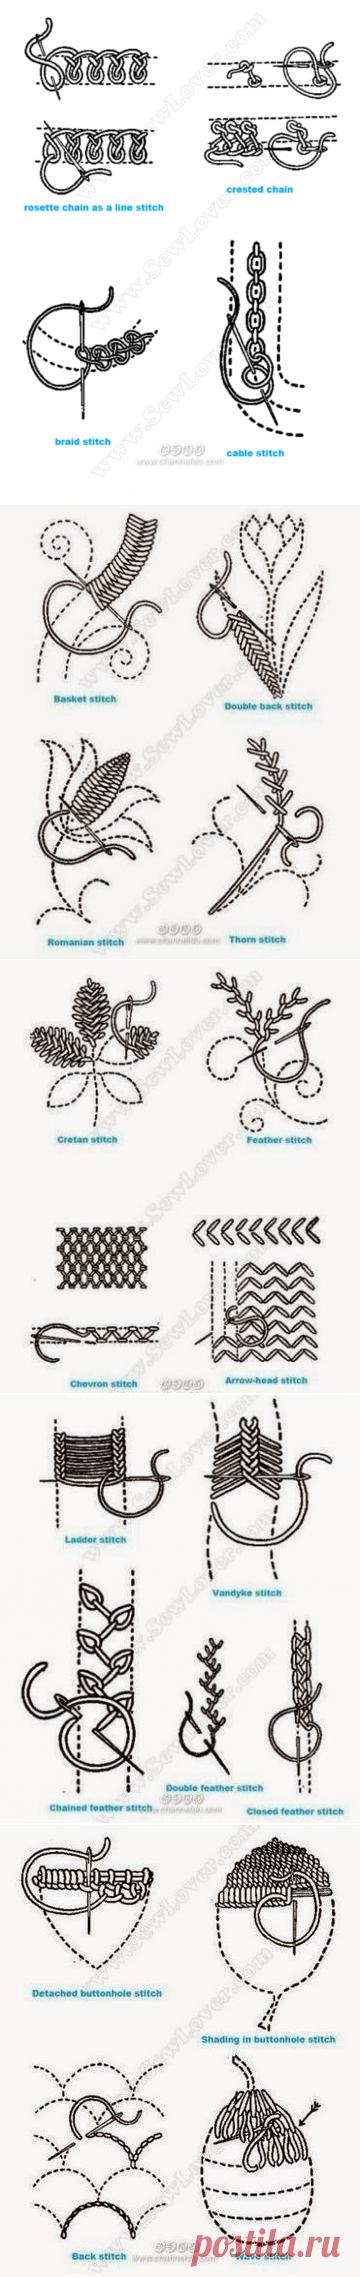 Милые сердцу штучки: Техники вышивания. Часть 21: